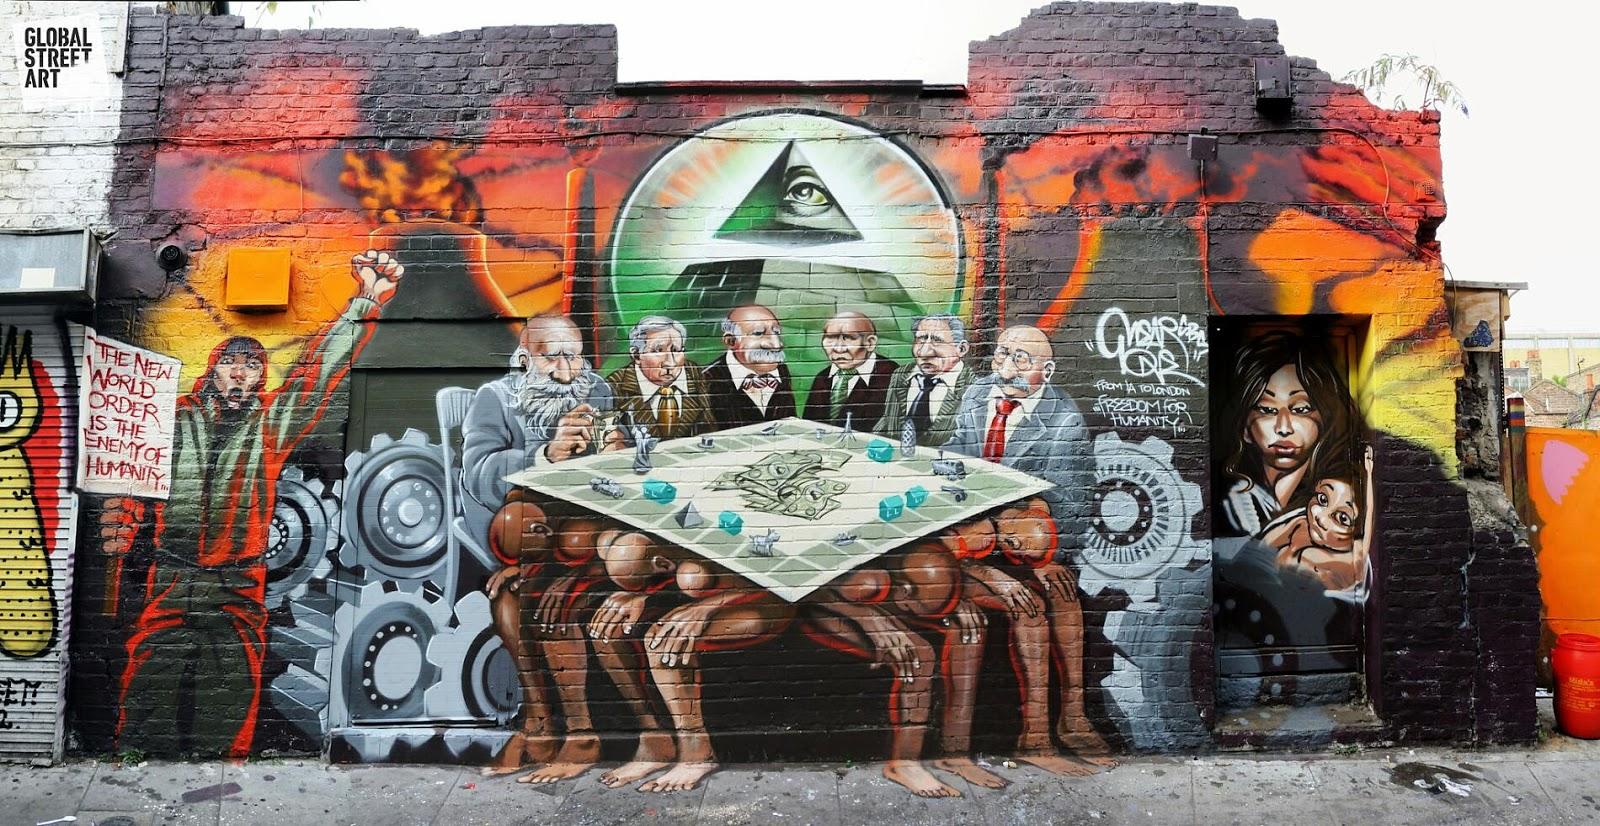 https://3.bp.blogspot.com/-Lx6r9dOTCZA/V0v-VXKQjWI/AAAAAAAAdJo/0SJAfyV_9doBHv5L719U_odzUkS4d3GBgCLcB/s1600/street-art-protest.jpg